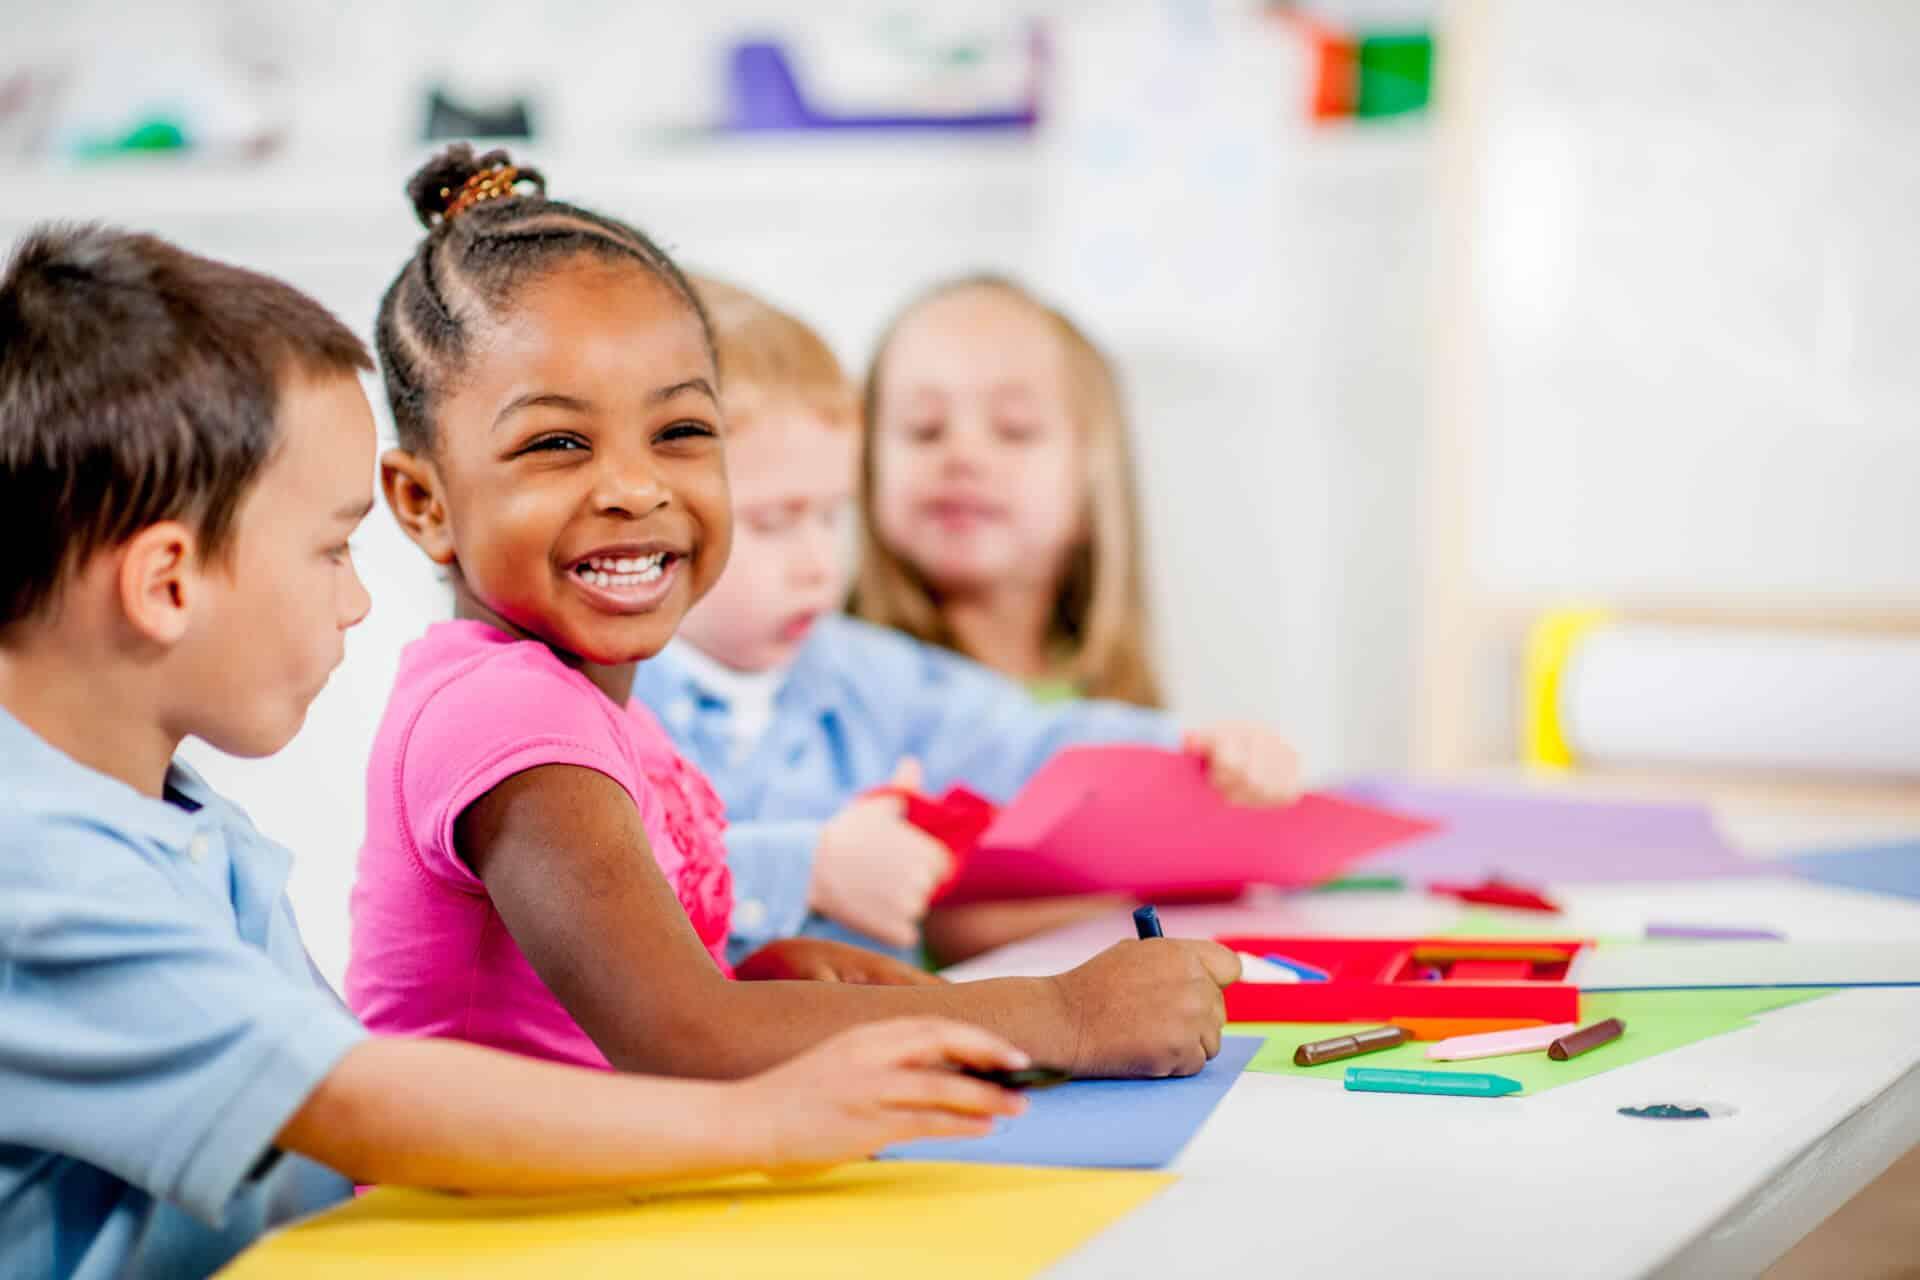 preschoolers coloring